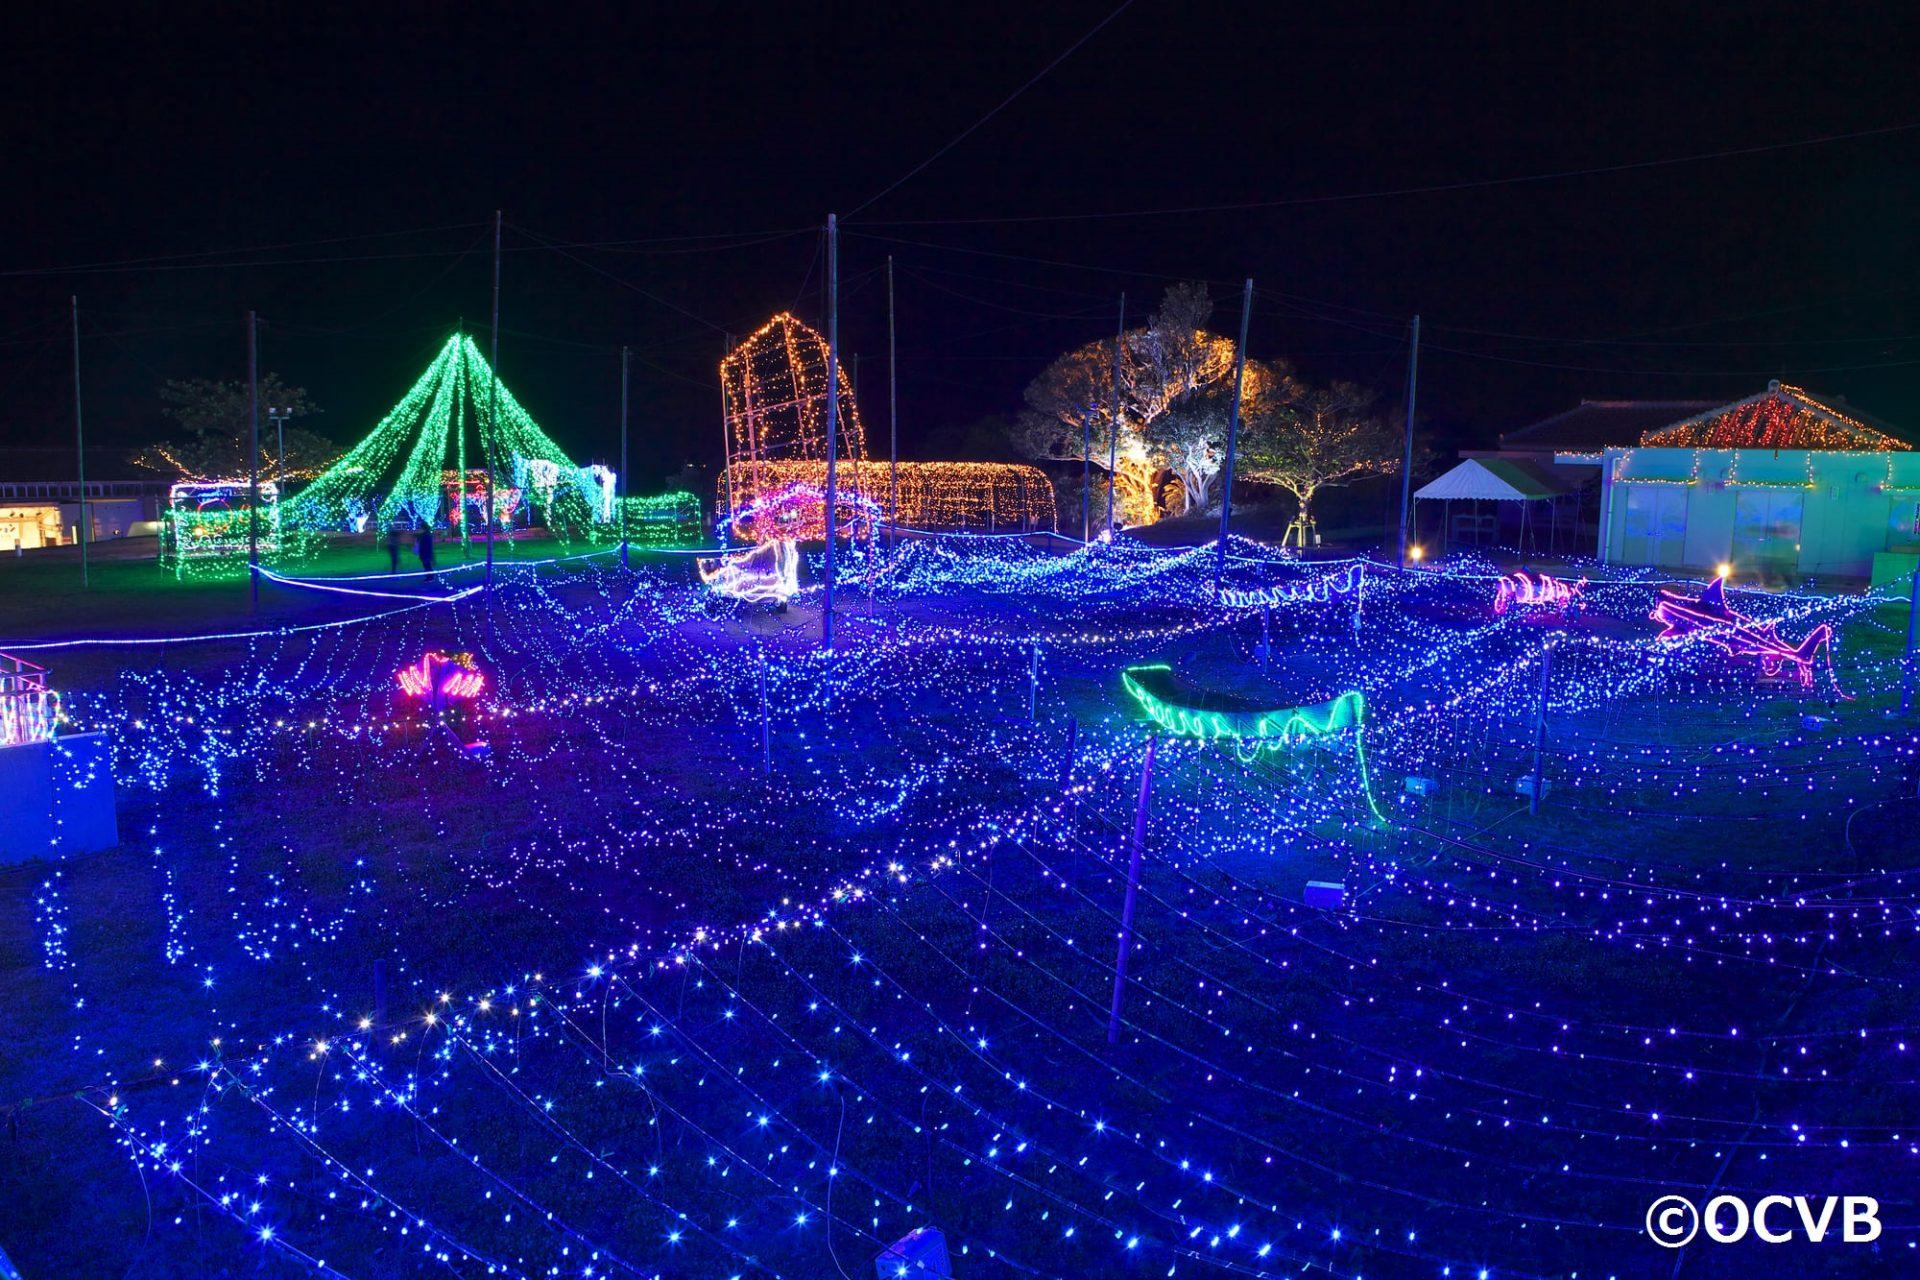 糸満市 いとまんピースフルイルミネーション 沖縄 12月 観光 旅行 おすすめ 楽しみ方